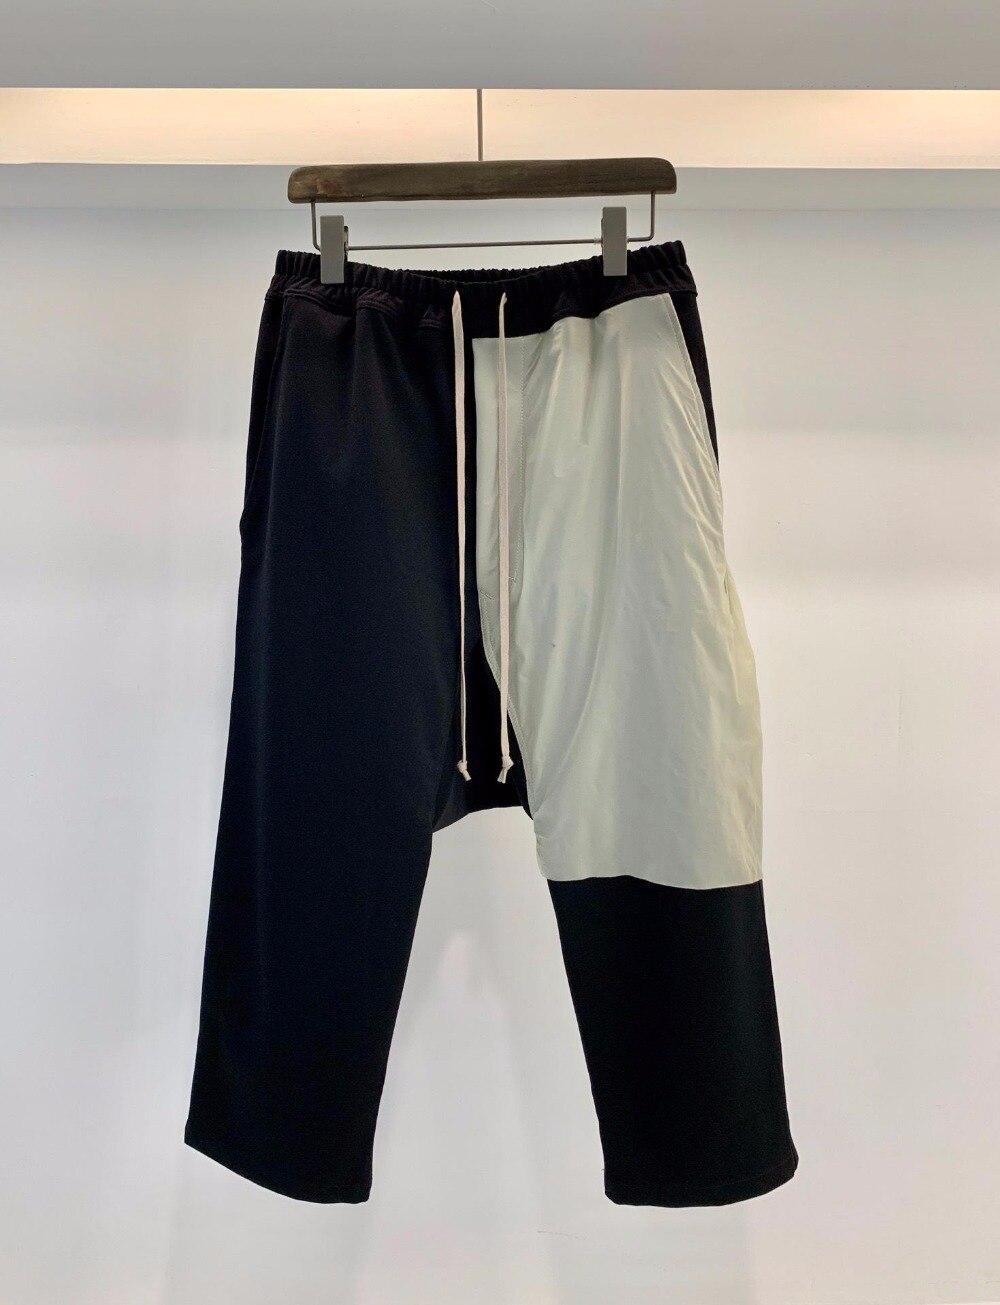 19ss Owen Seak mężczyźni na co dzień spodnie Harem spodnie Gothic męska odzież spodnie dresowe lato kobiet cielę długości spodnie luźne czarne spodnie rozmiar XL w Spodnie haremki od Odzież męska na  Grupa 1